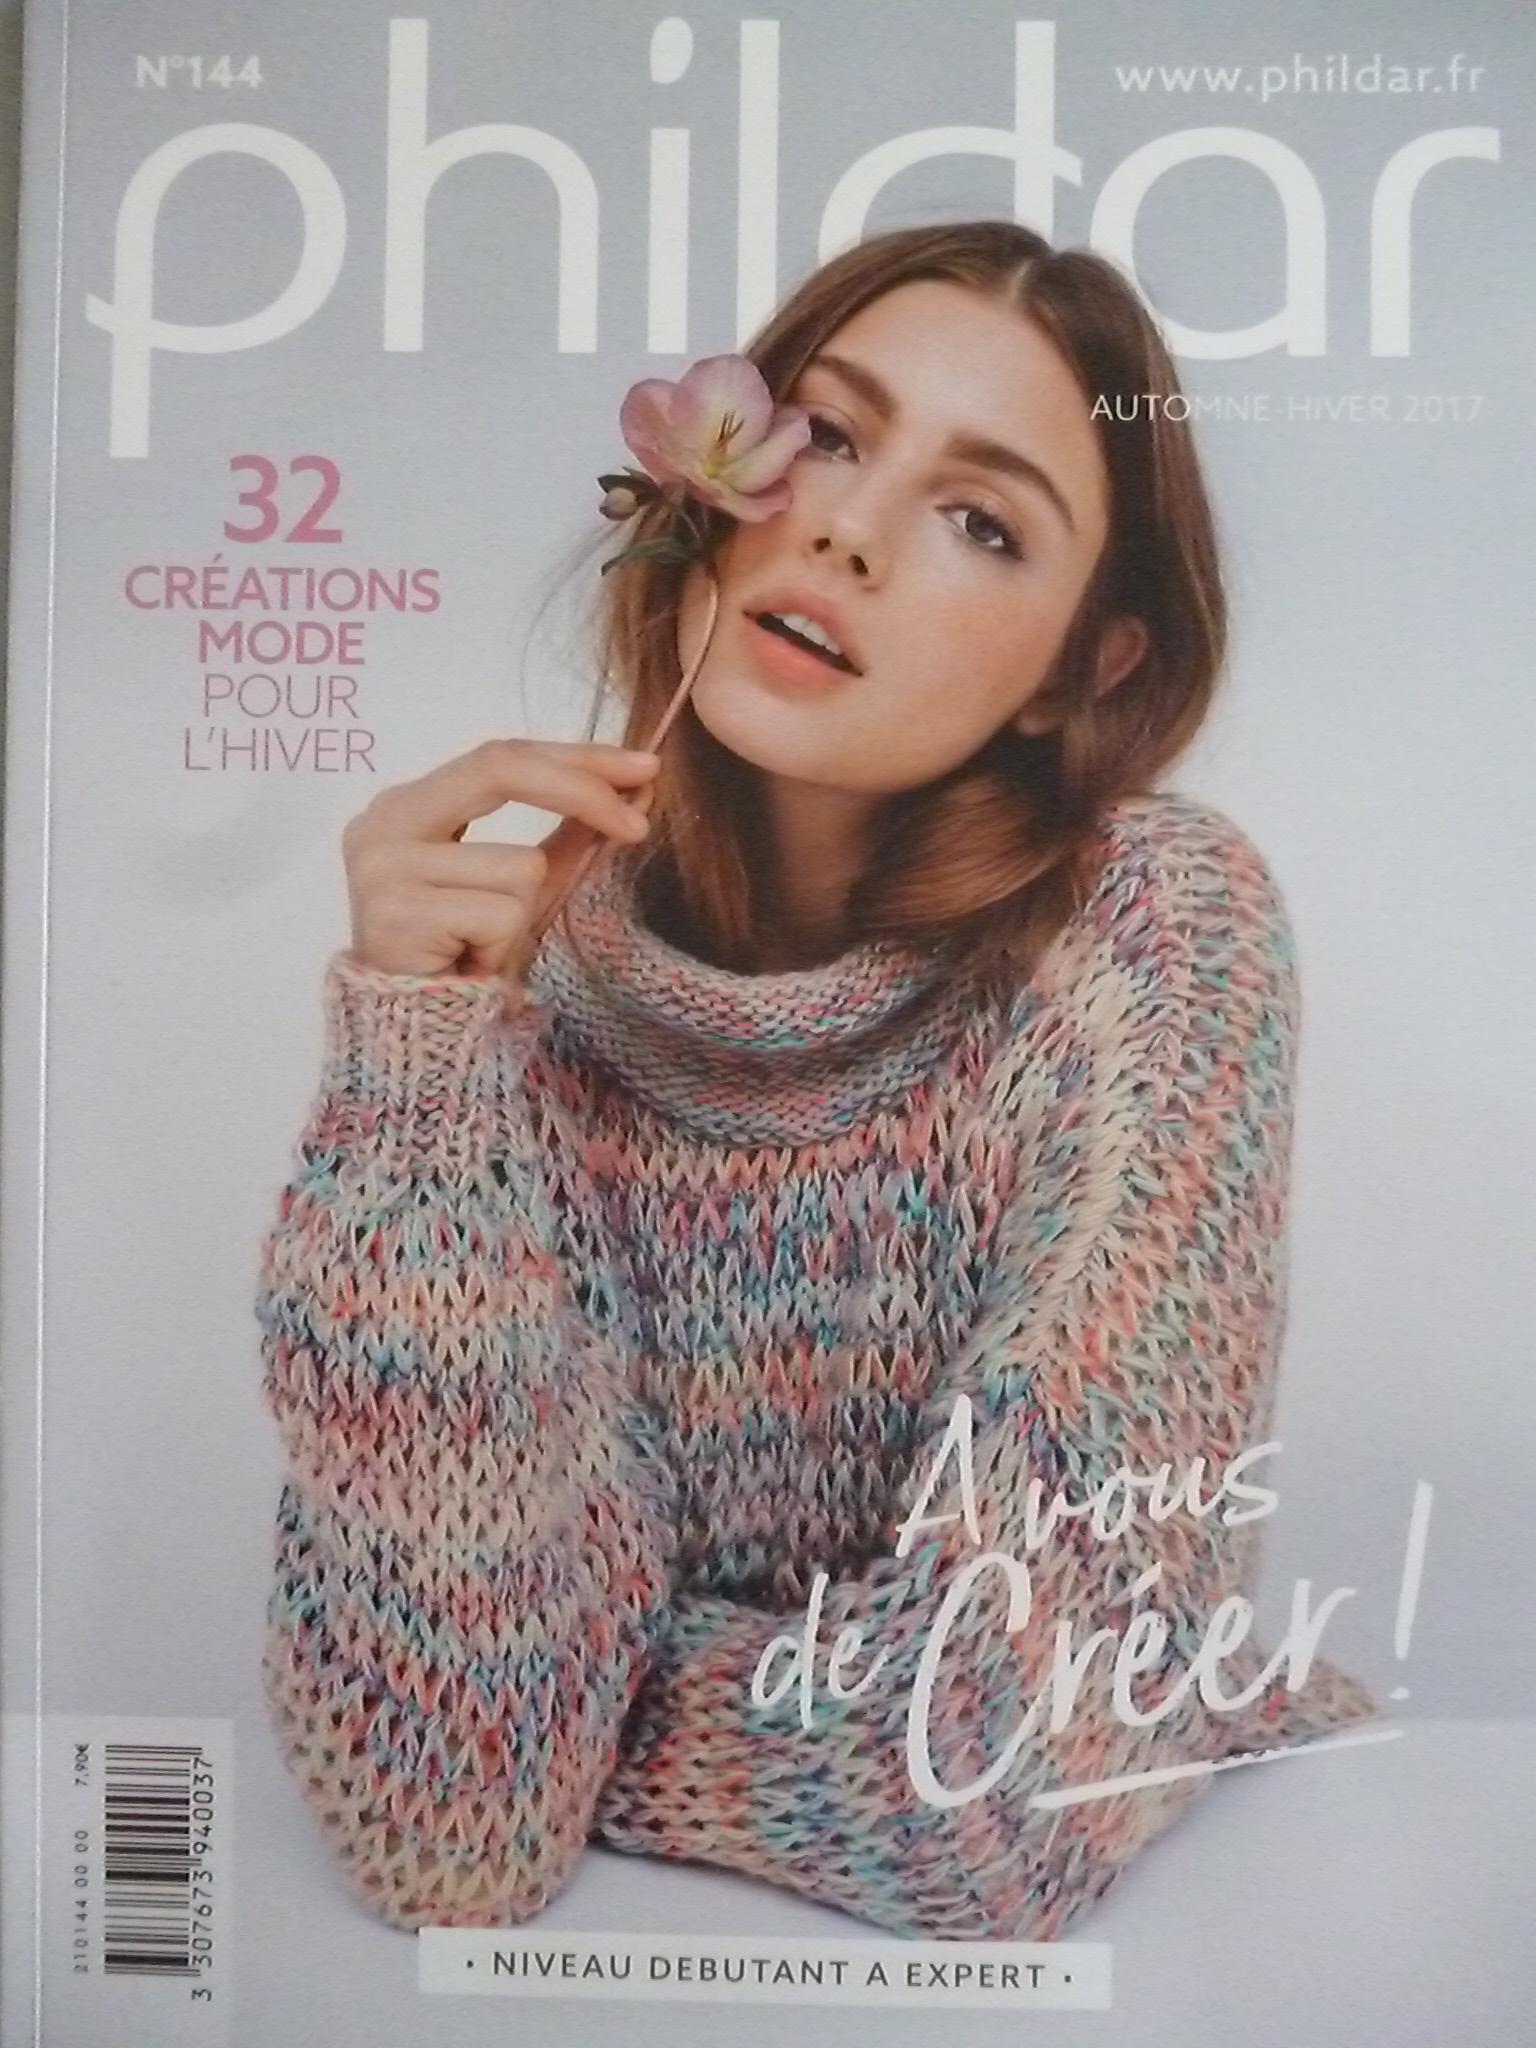 Phildar N°144 Femme \u2013 32 Modèles Mode pour Automne,Hiver 2017/18